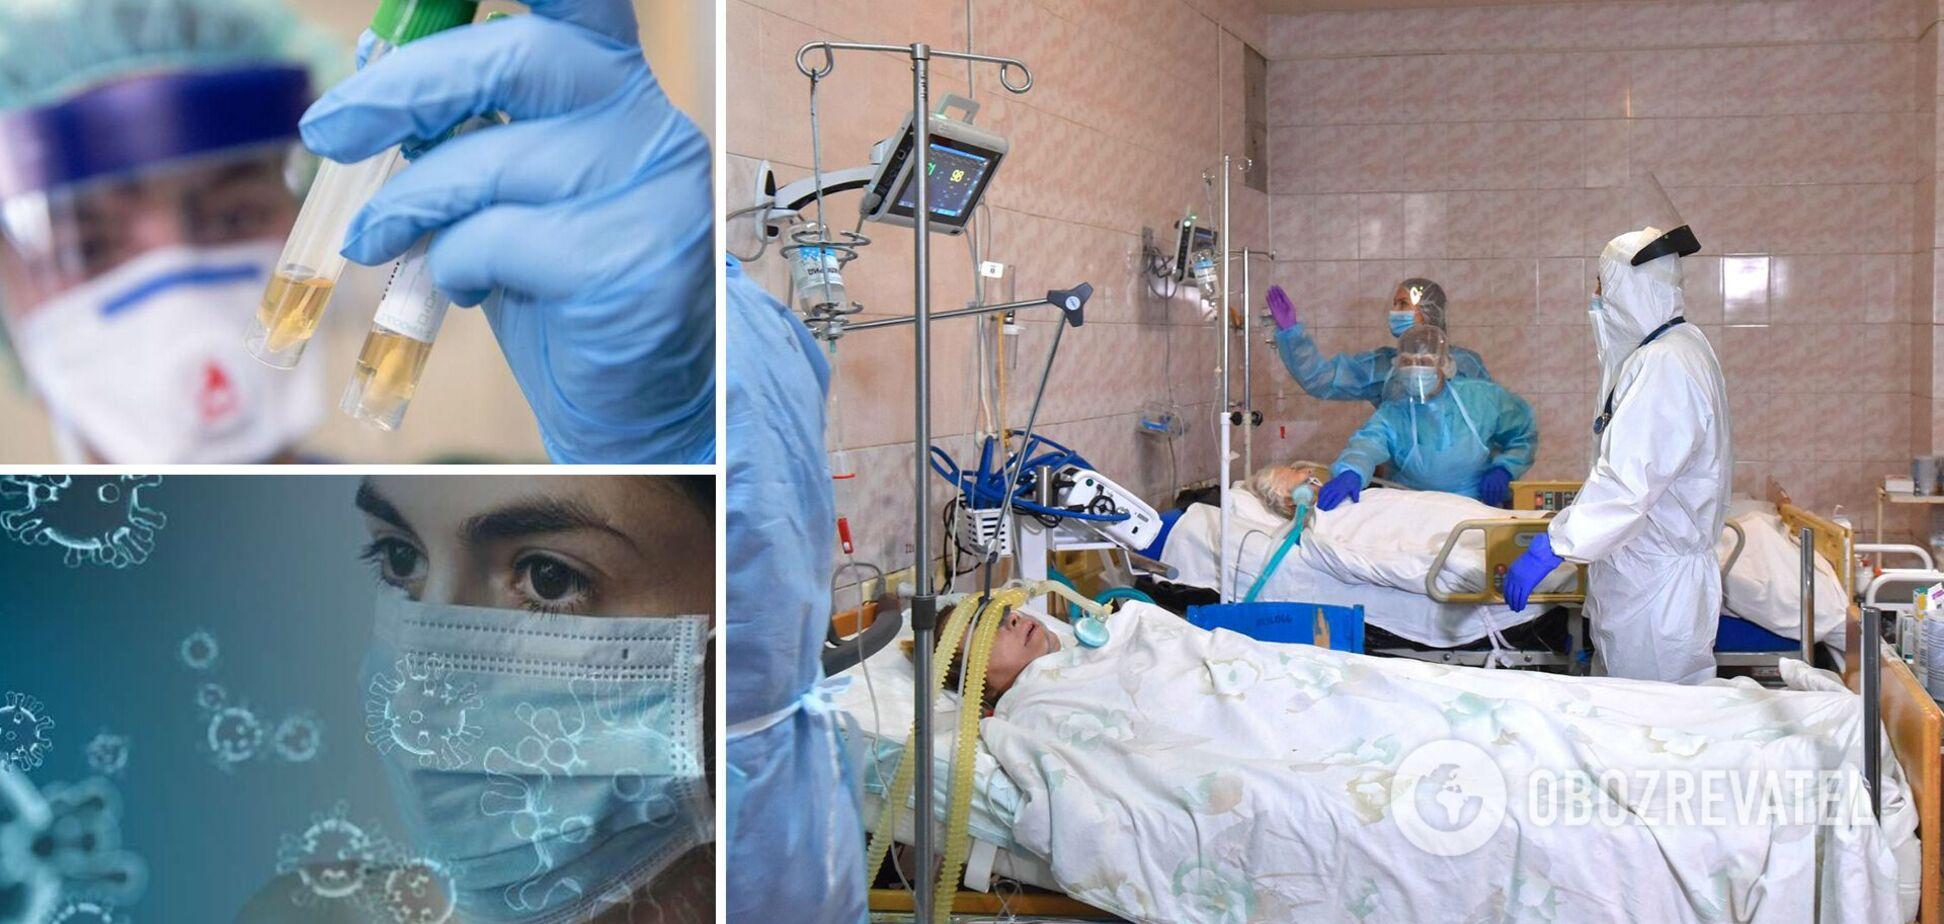 Українці заражаються COVID-19 повторно і хворіють важче. Чому так відбувається і хто в зоні ризику